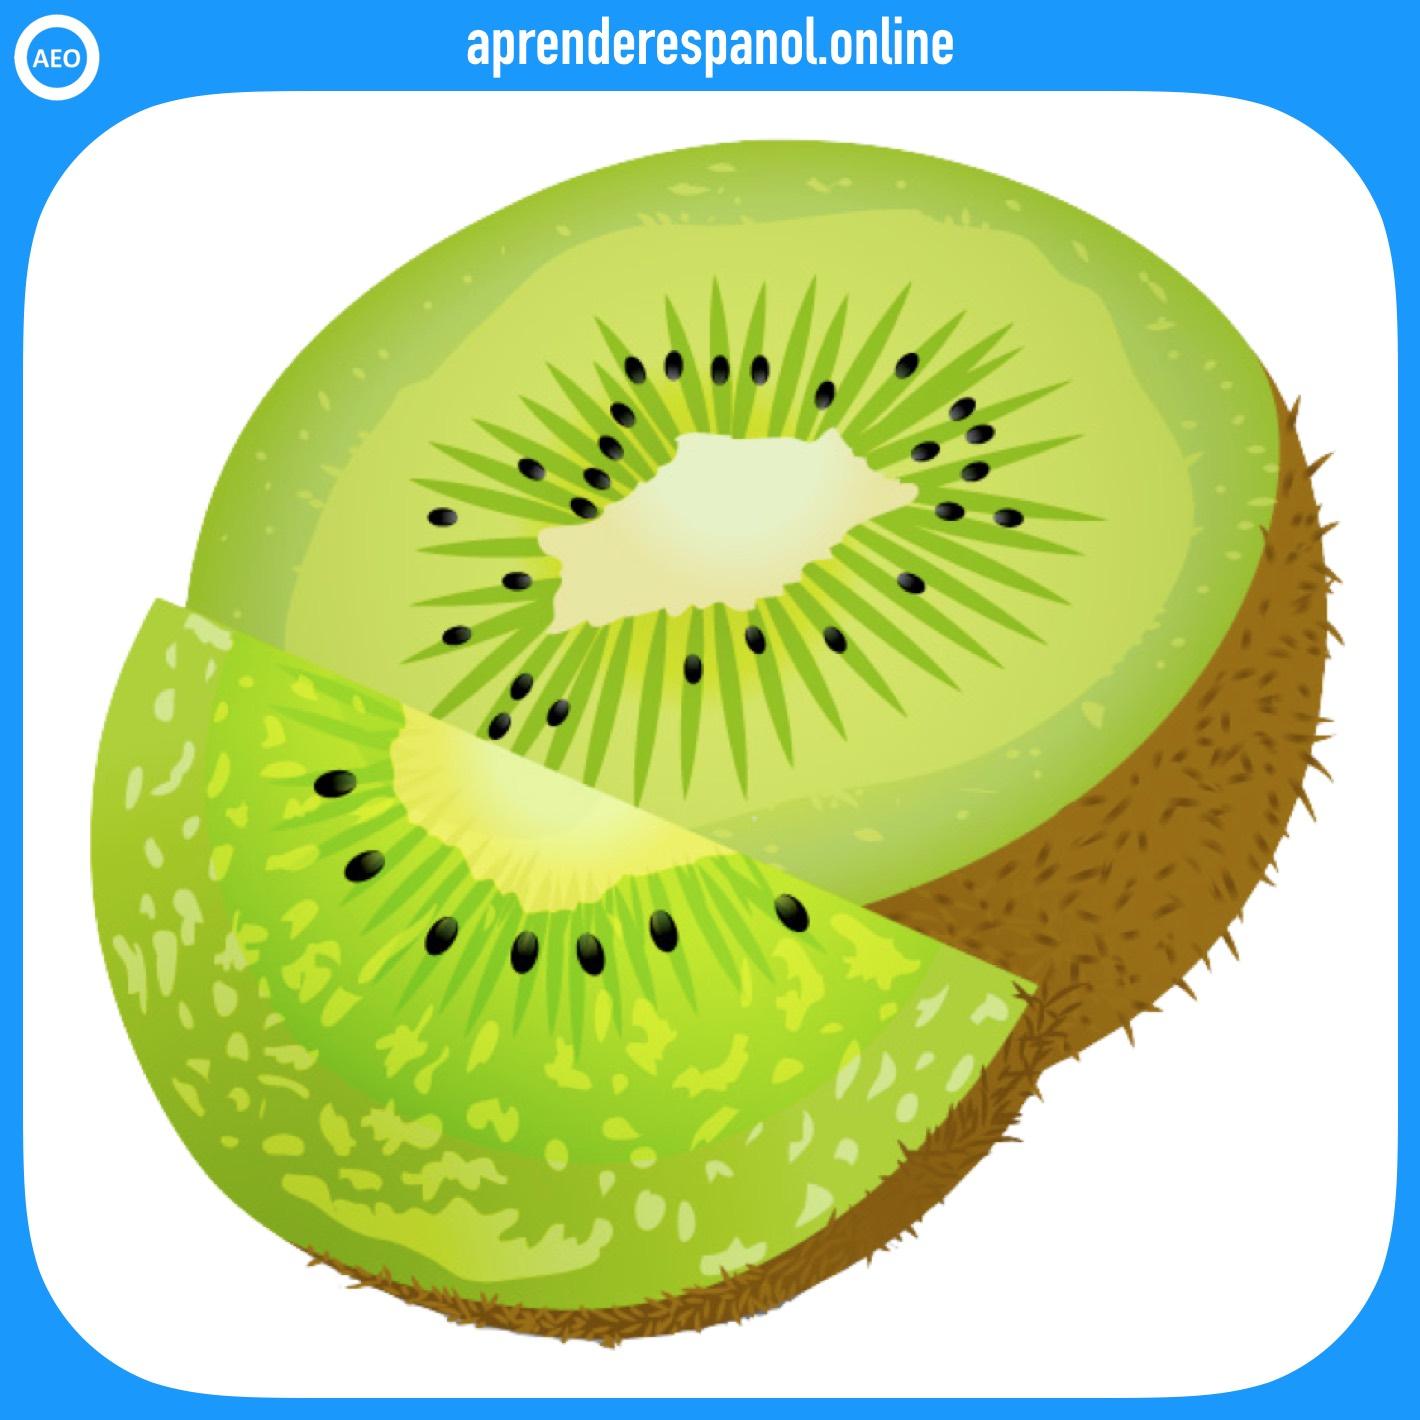 kiwi - frutas en español - vocabulario de las frutas en español